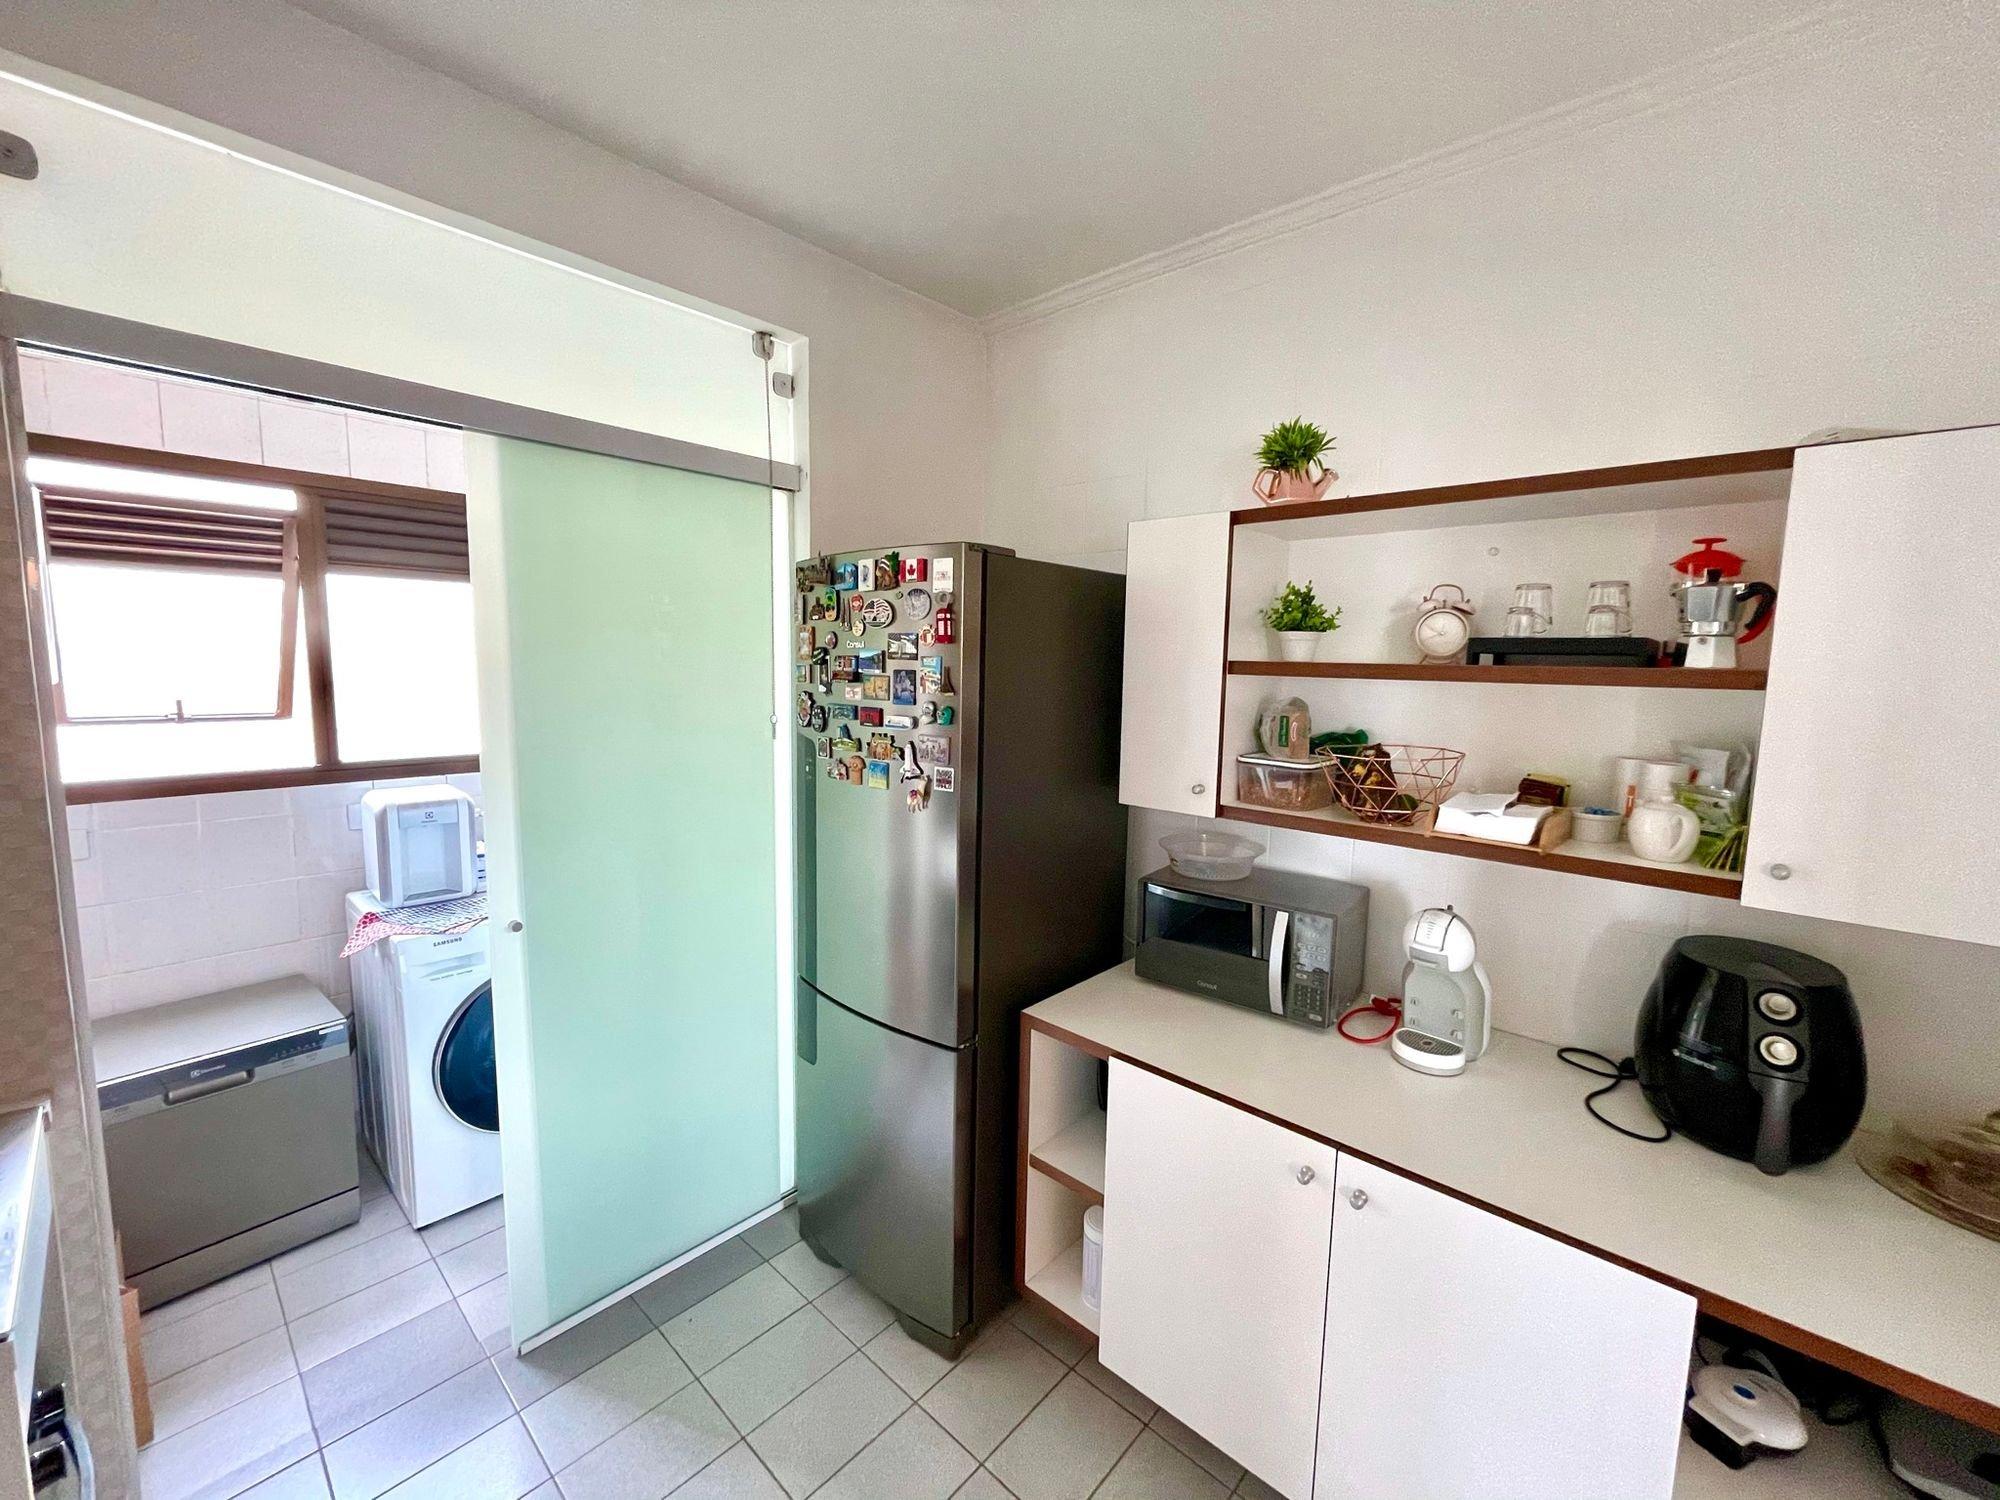 Foto de Cozinha com vaso de planta, vaso, geladeira, microondas